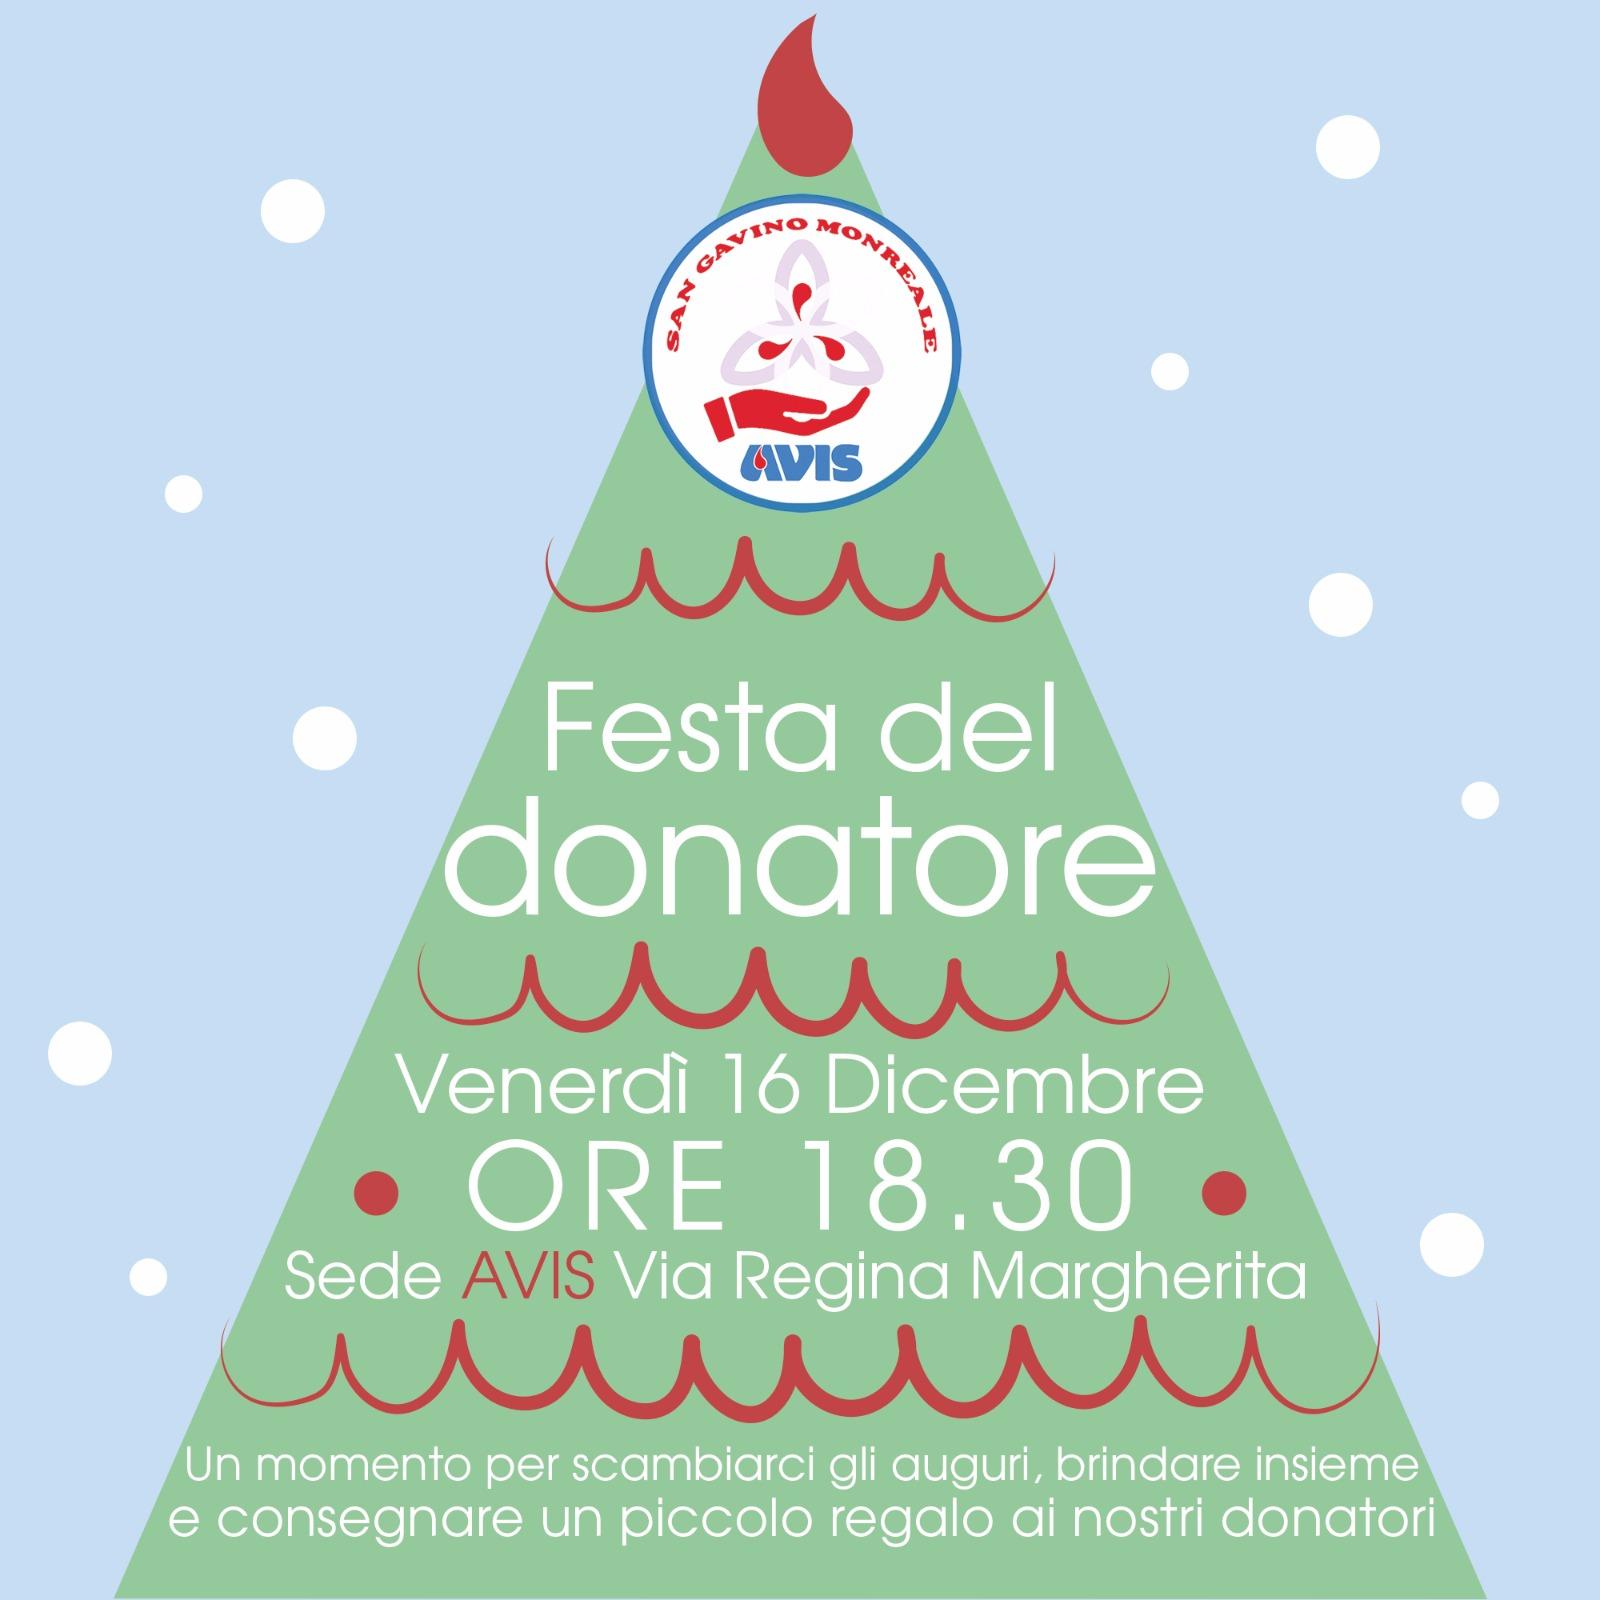 Venerdì 16 dicembre, la Festa del Donatore AVIS